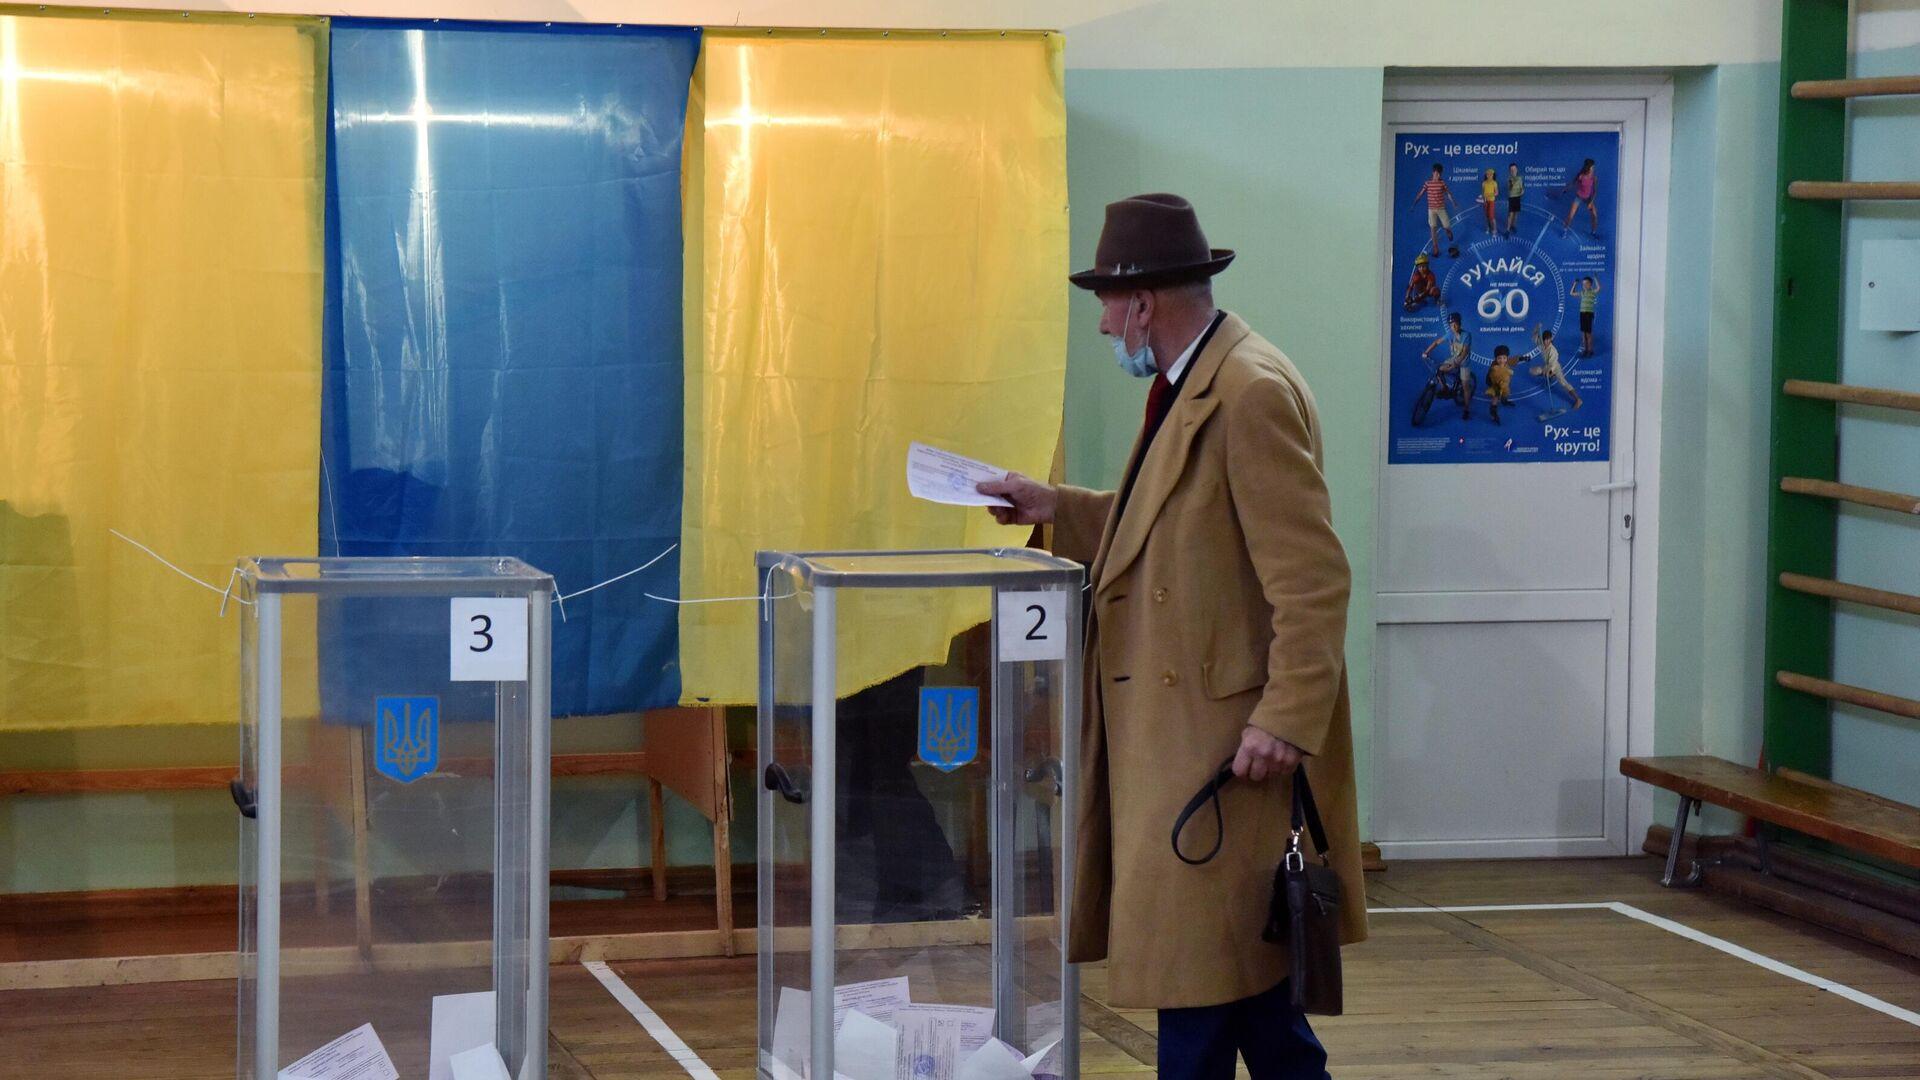 Мужчина голосует на избирательном участке во Львове - РИА Новости, 1920, 14.05.2021